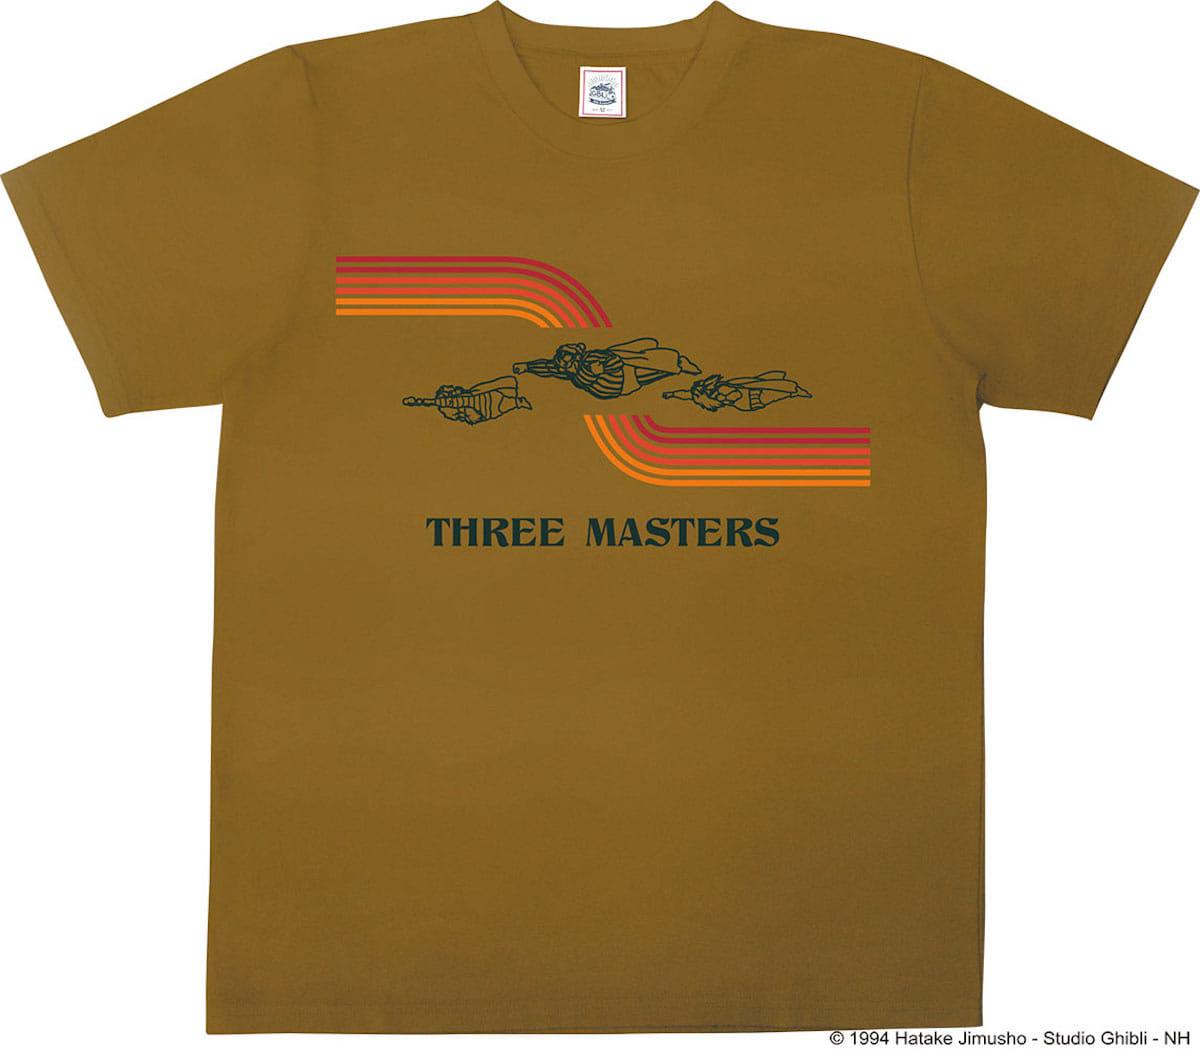 スタジオジブリ作品公式「バルスTシャツ」登場!『となりのトトロ』『魔女の宅急便』『紅の豚』など人気作品がTシャツに! fashion180605_ghibli_13-1200x1049